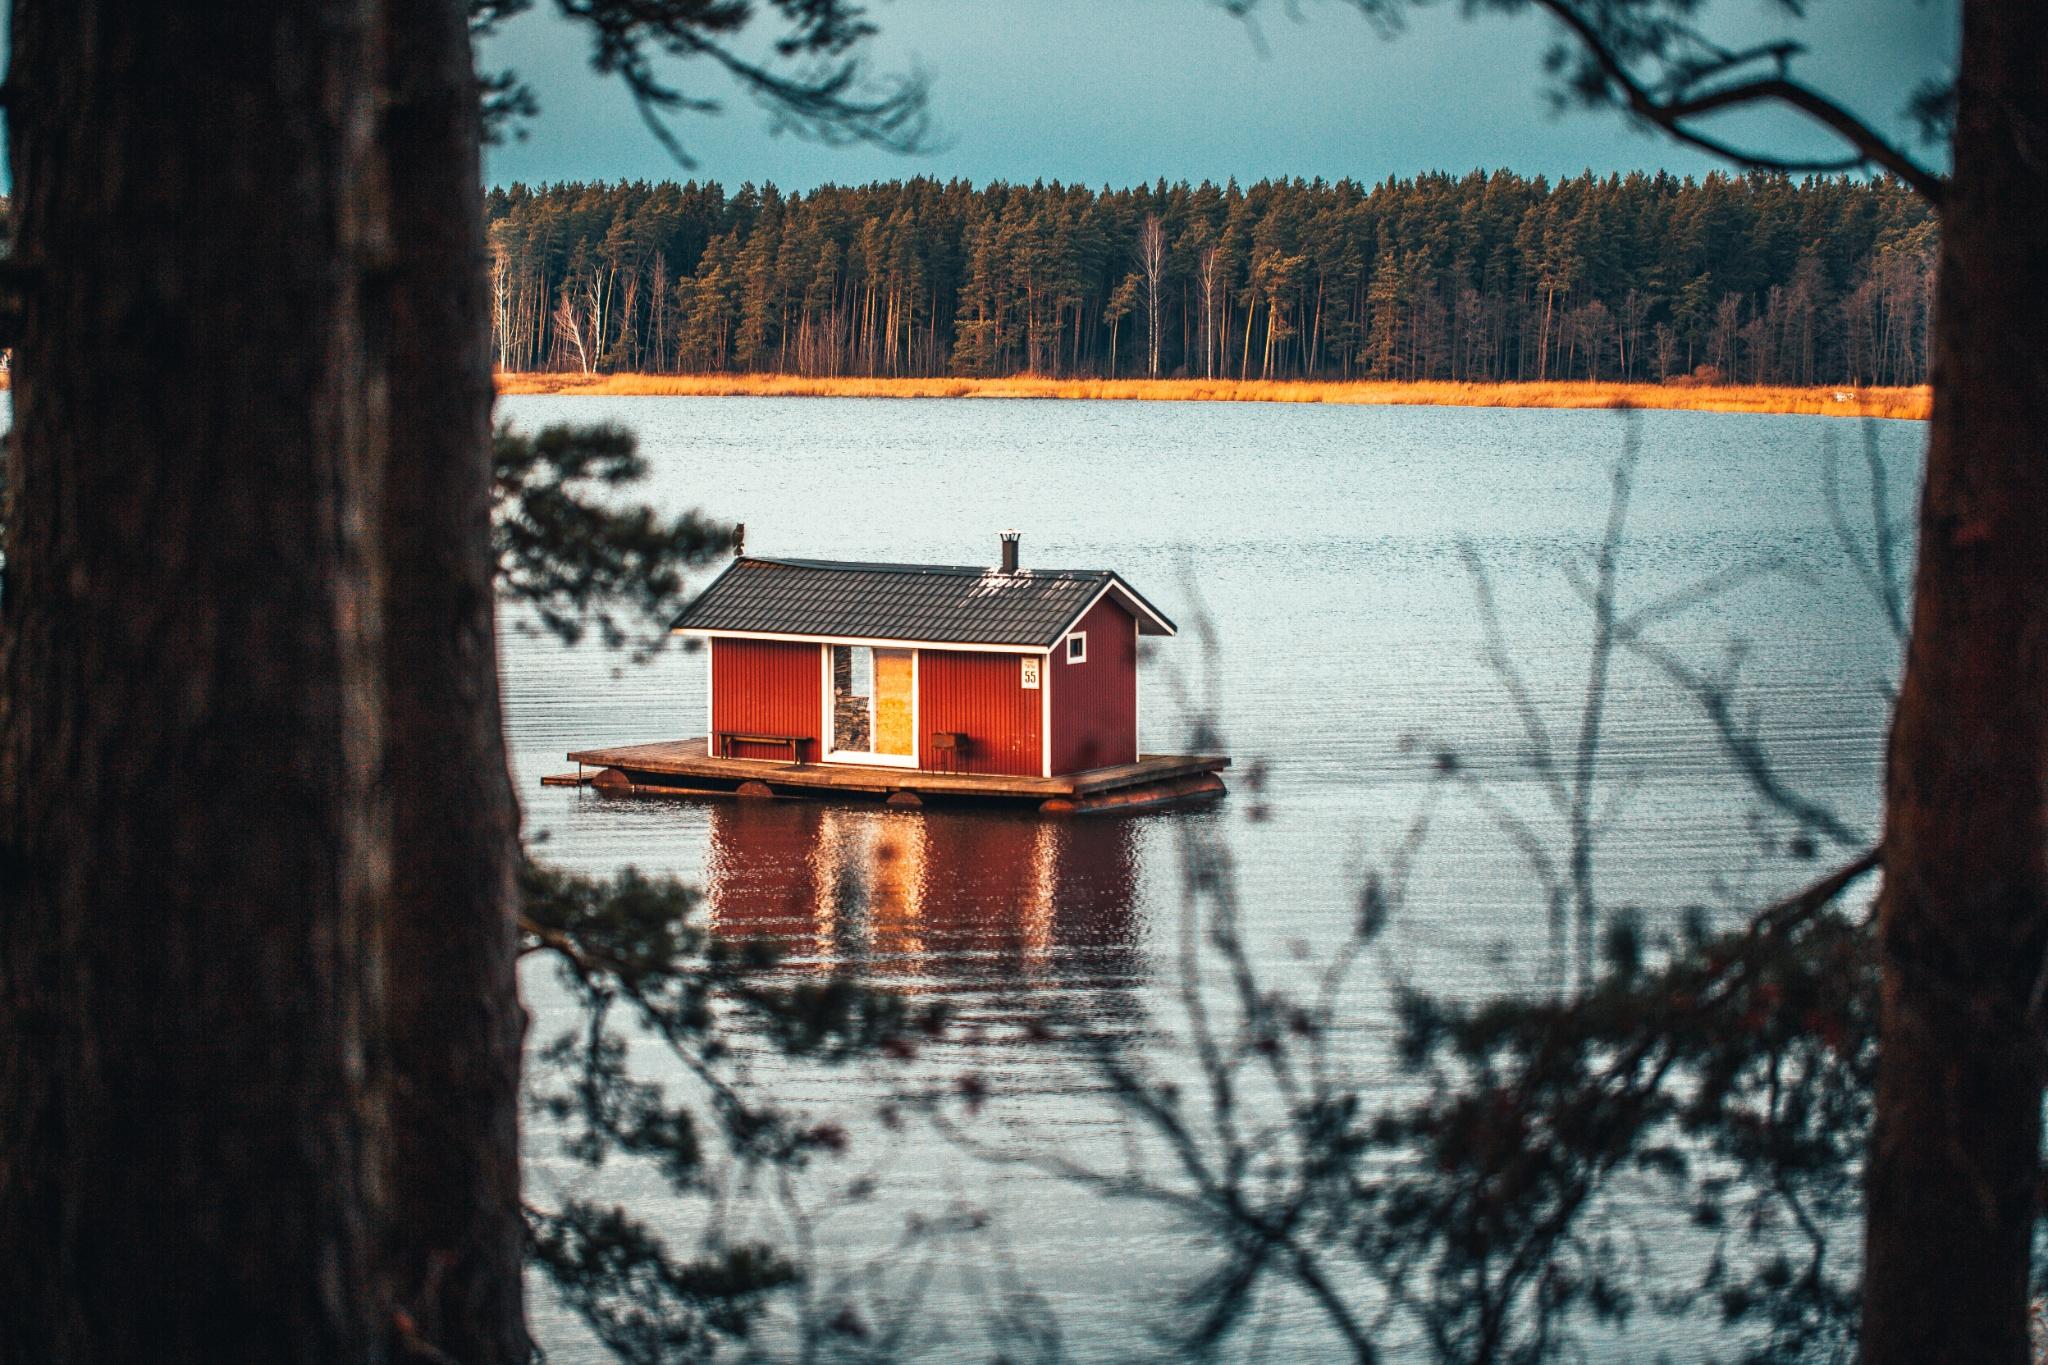 Giv hjemmet et nordisk touch